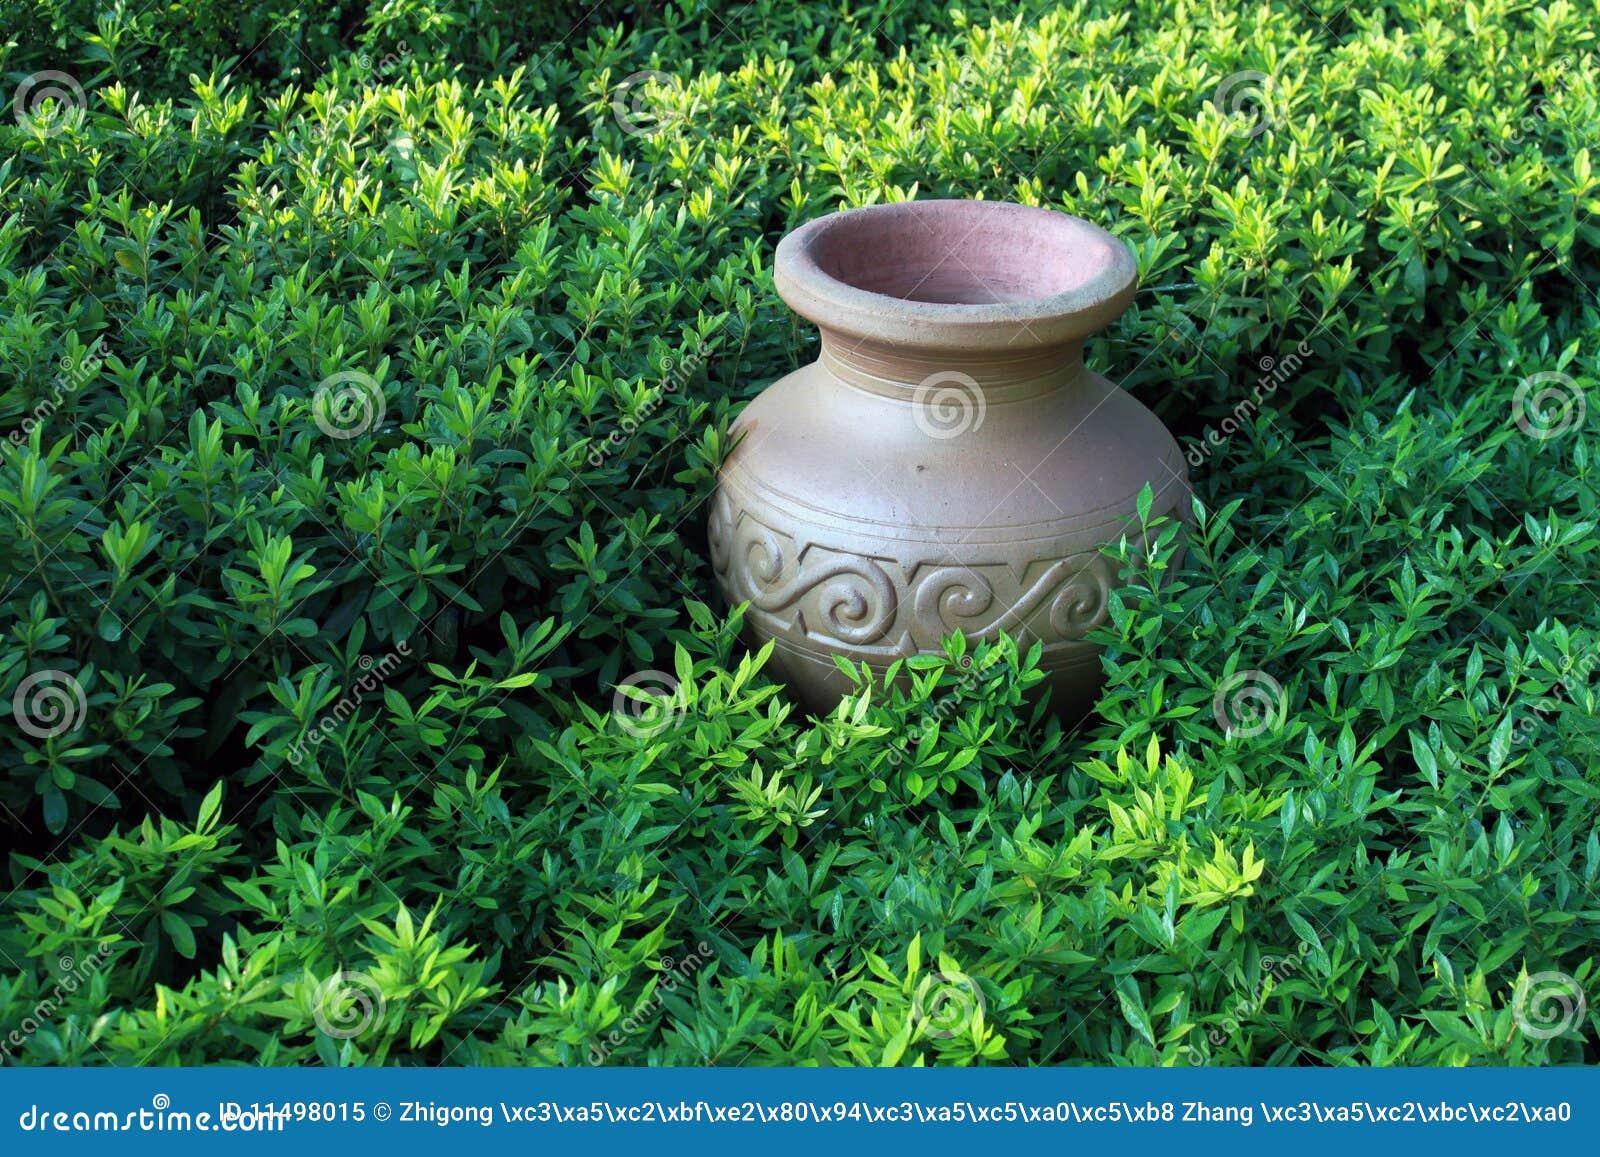 Tarro antiguo en el prado, compos exactos horizontales